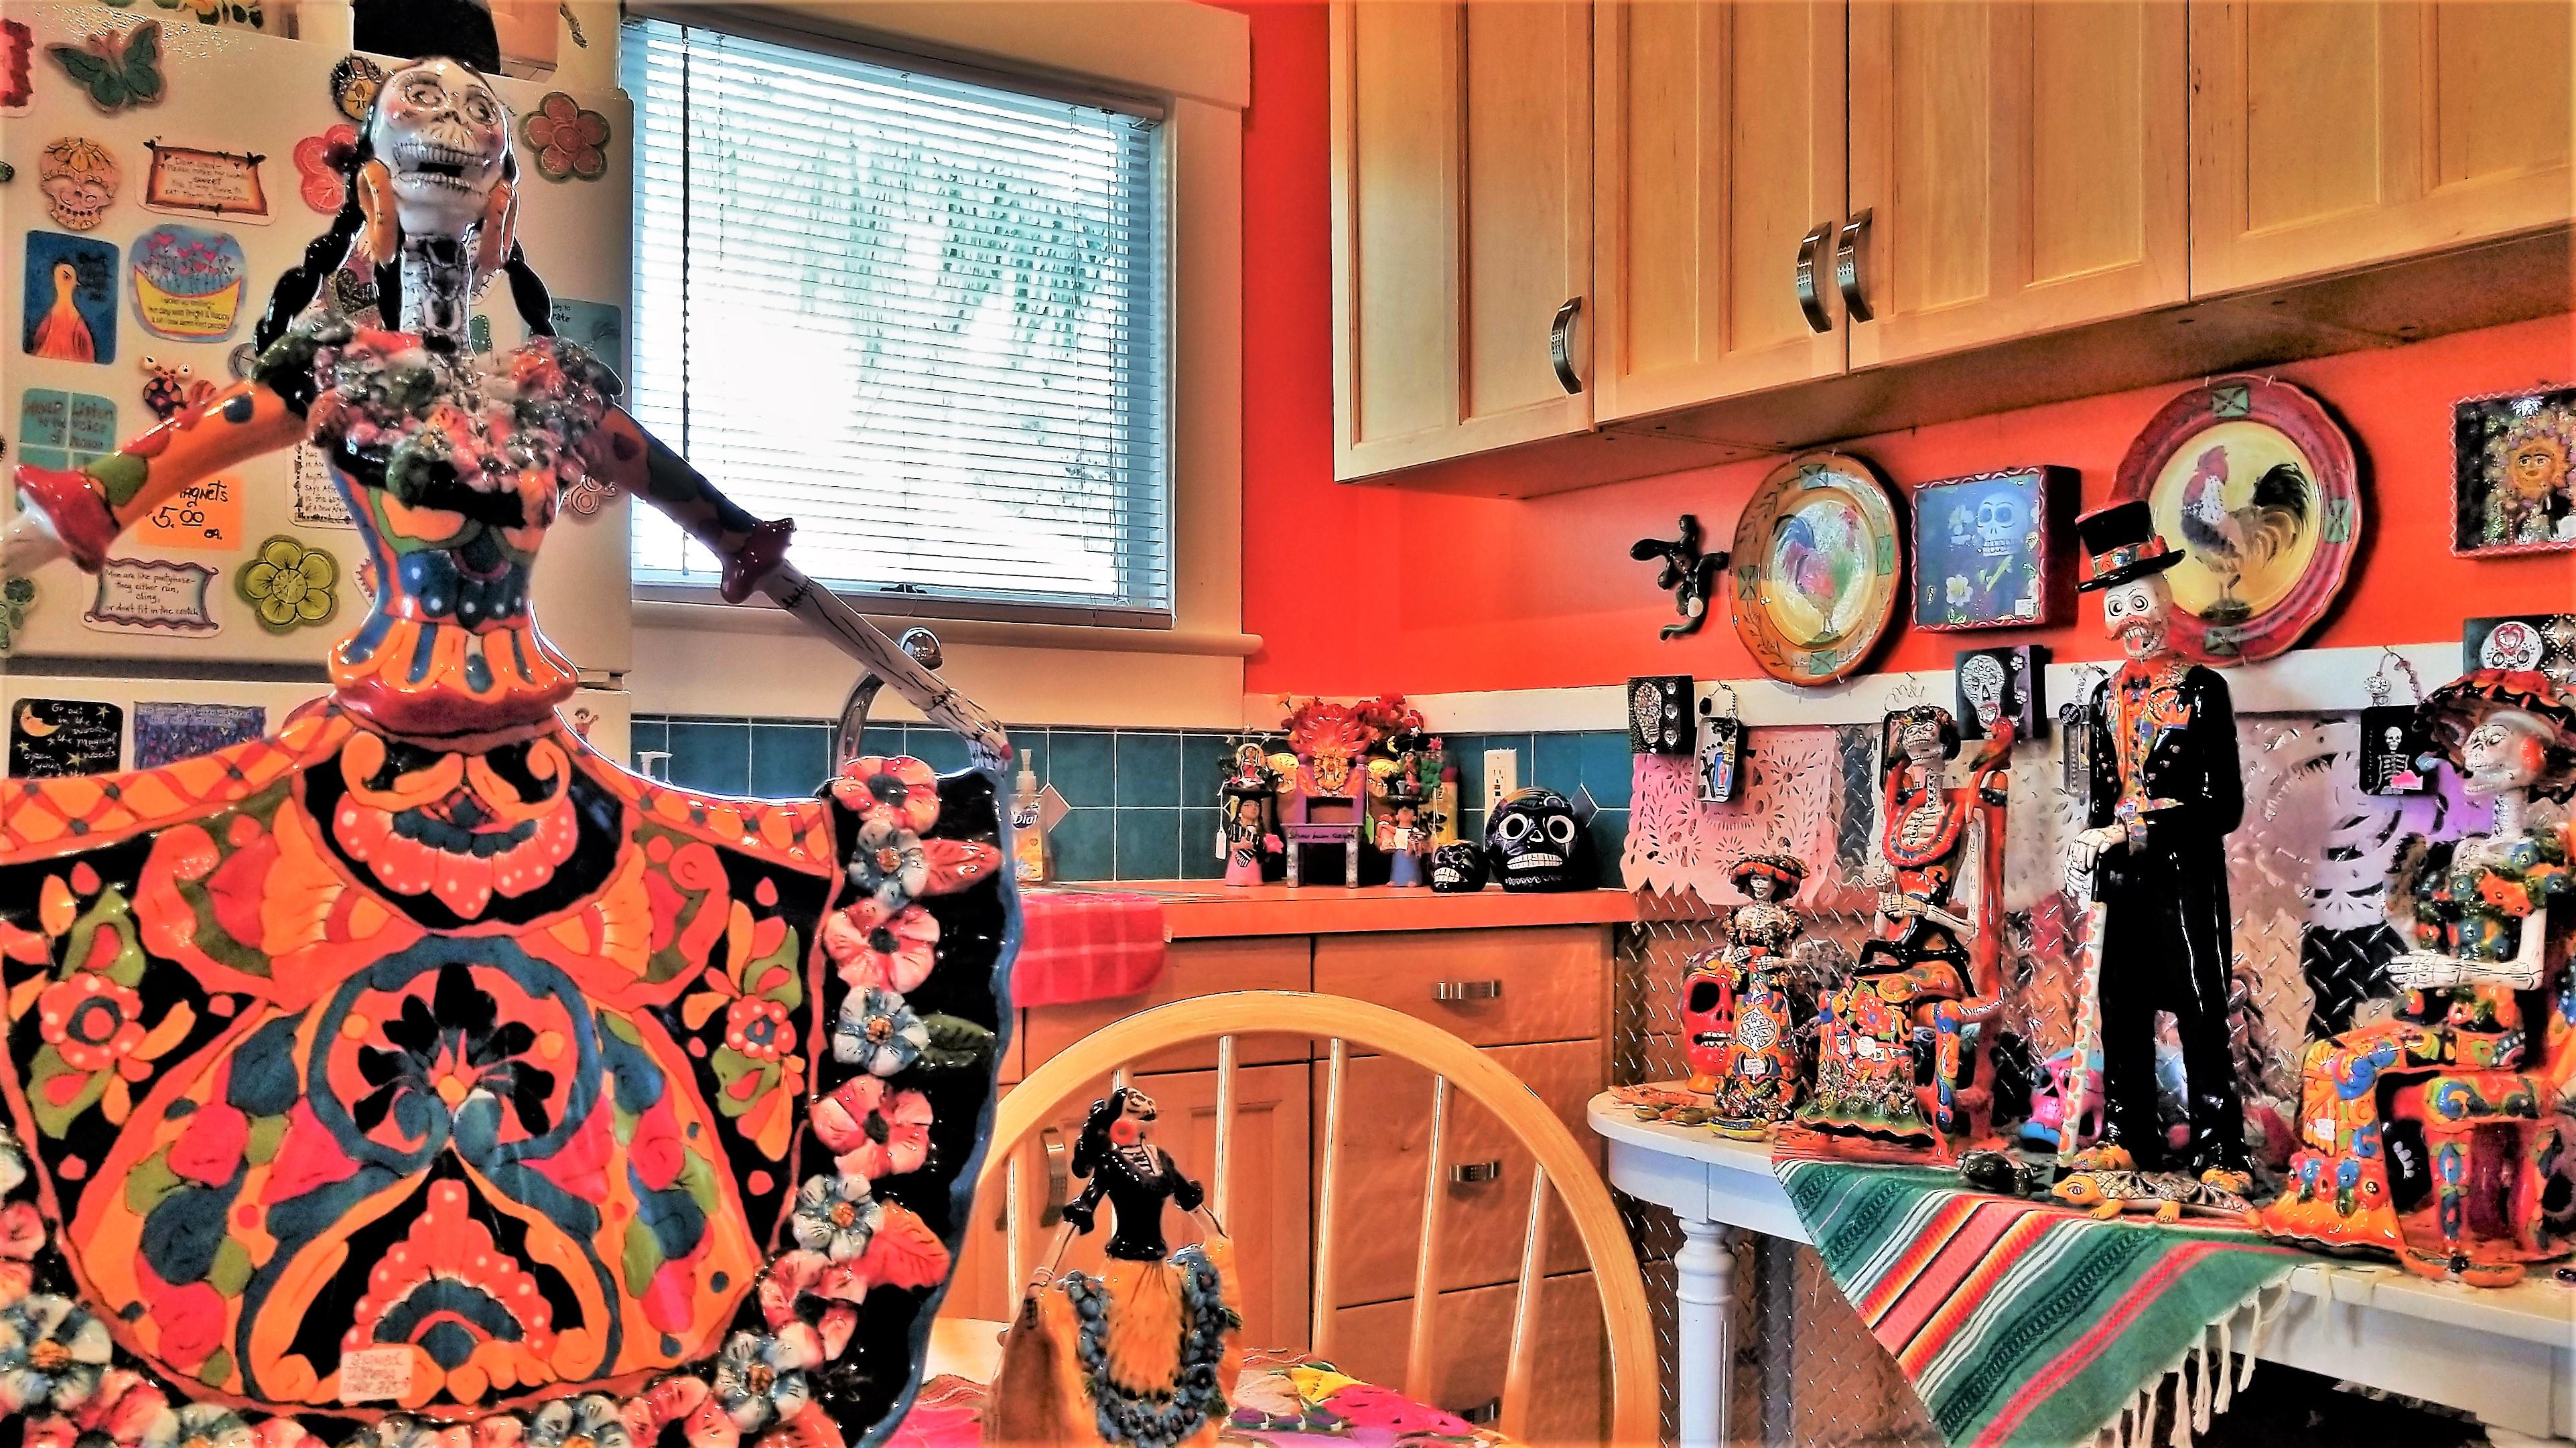 voodoo kitchen